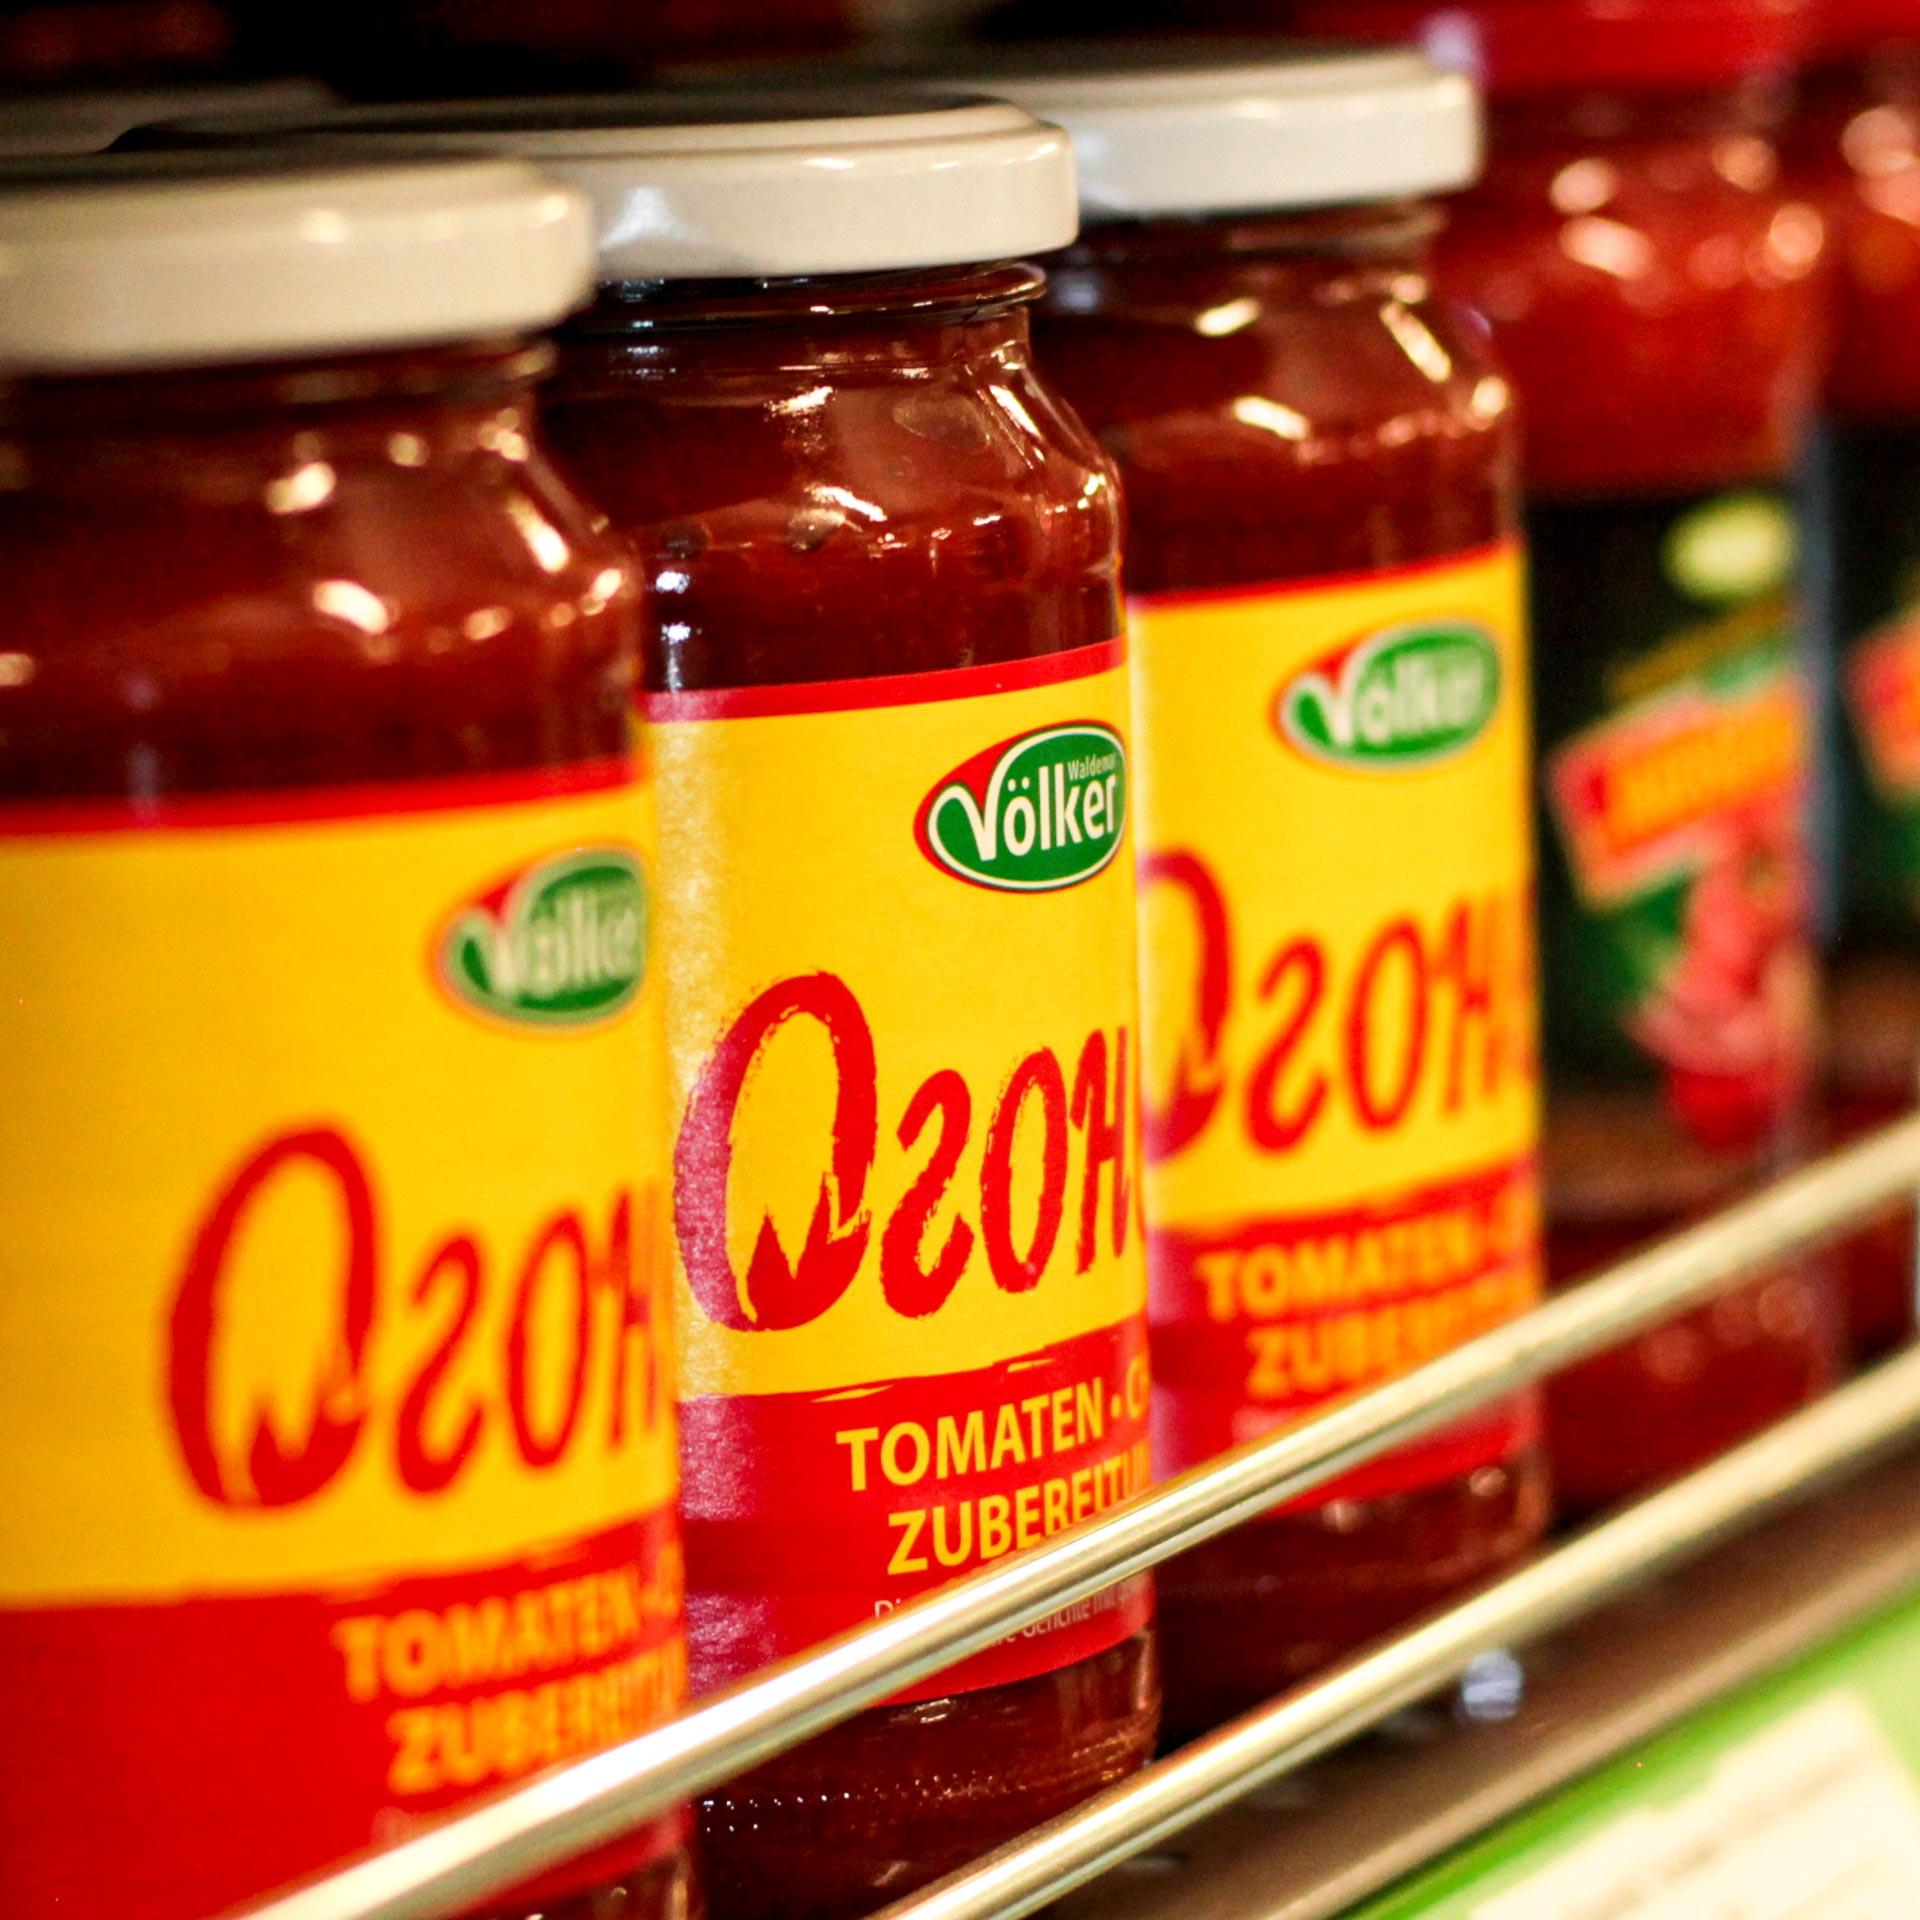 Soßenzubereitung mit Tomaten